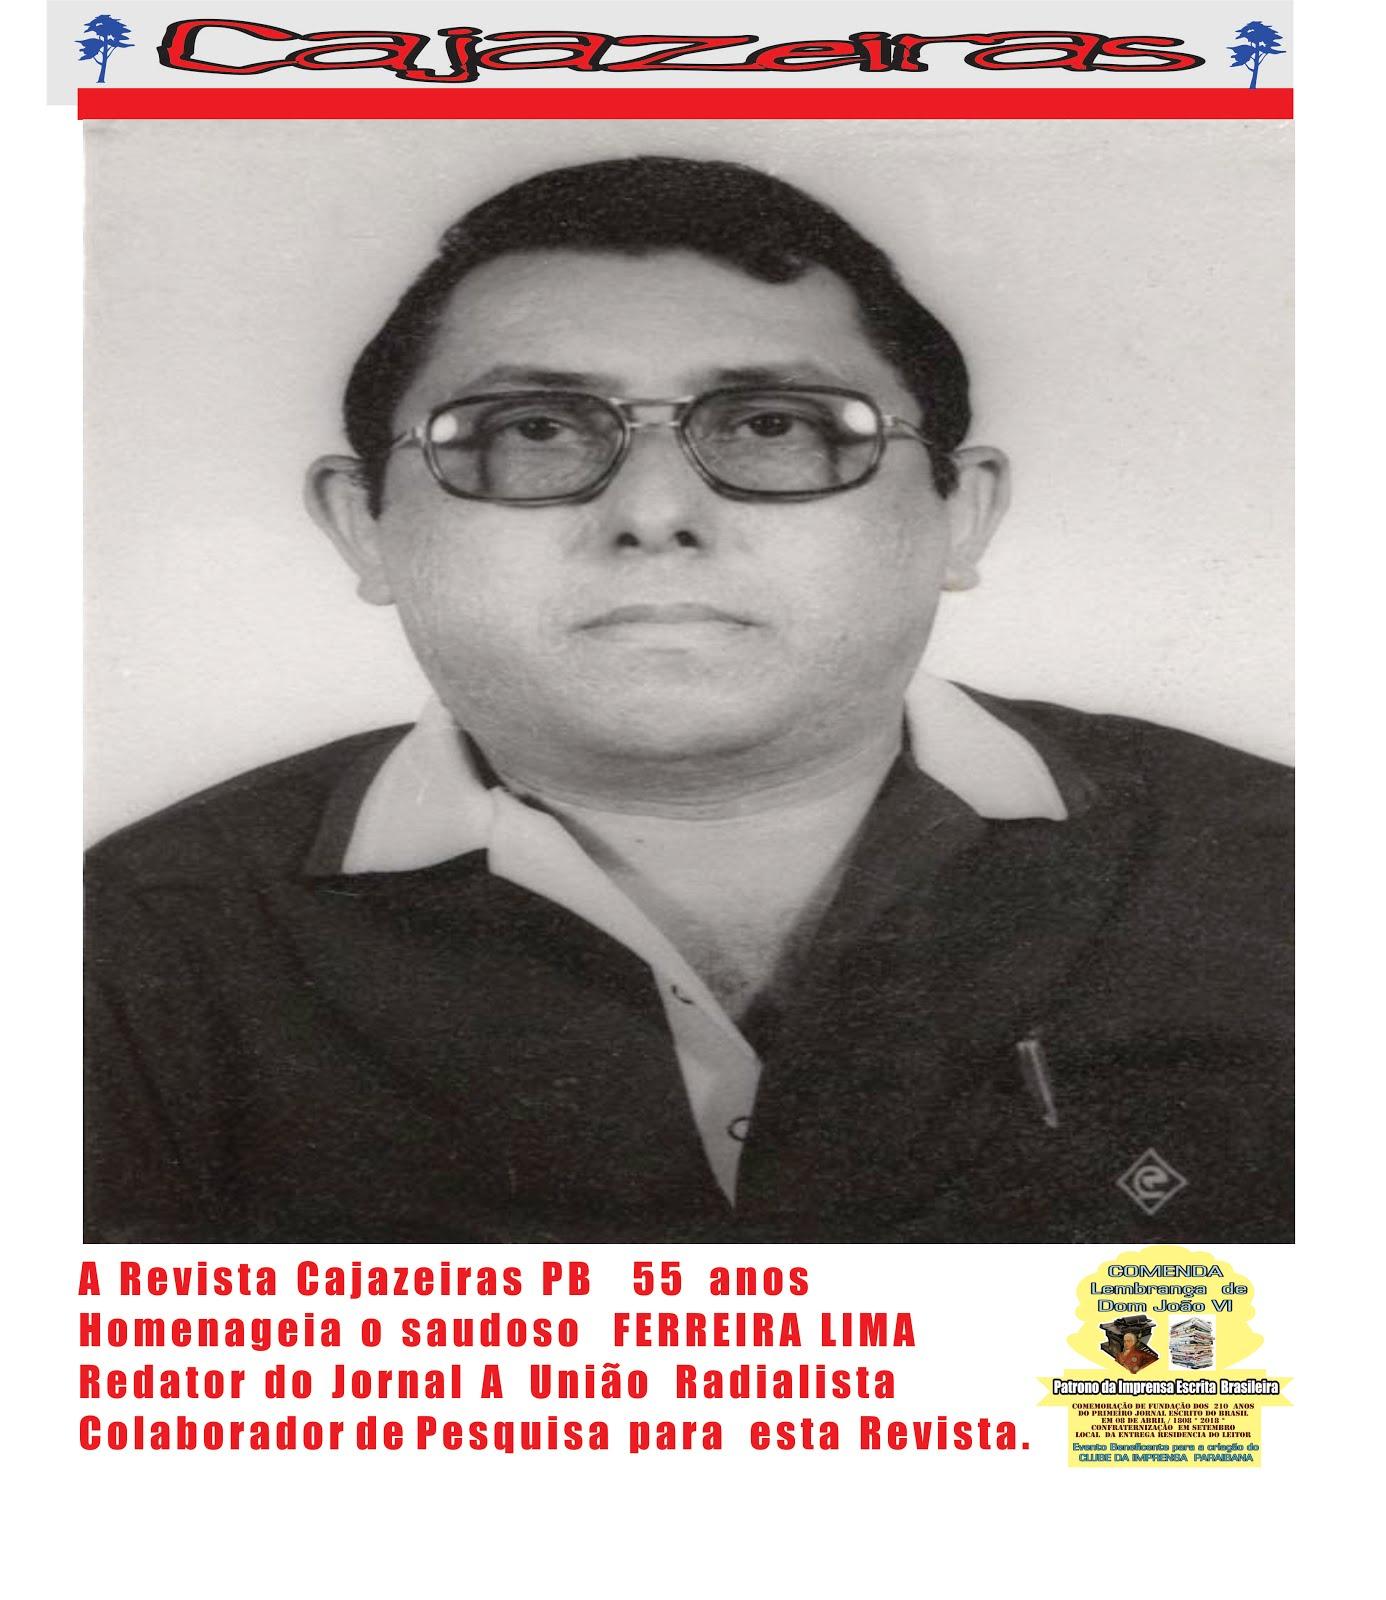 5b90cca23848f RADIALISTA E REDATOR JORNALISTA SEU FERREIRA LIMA DE JUAZEIRO DO NORTE CEARA